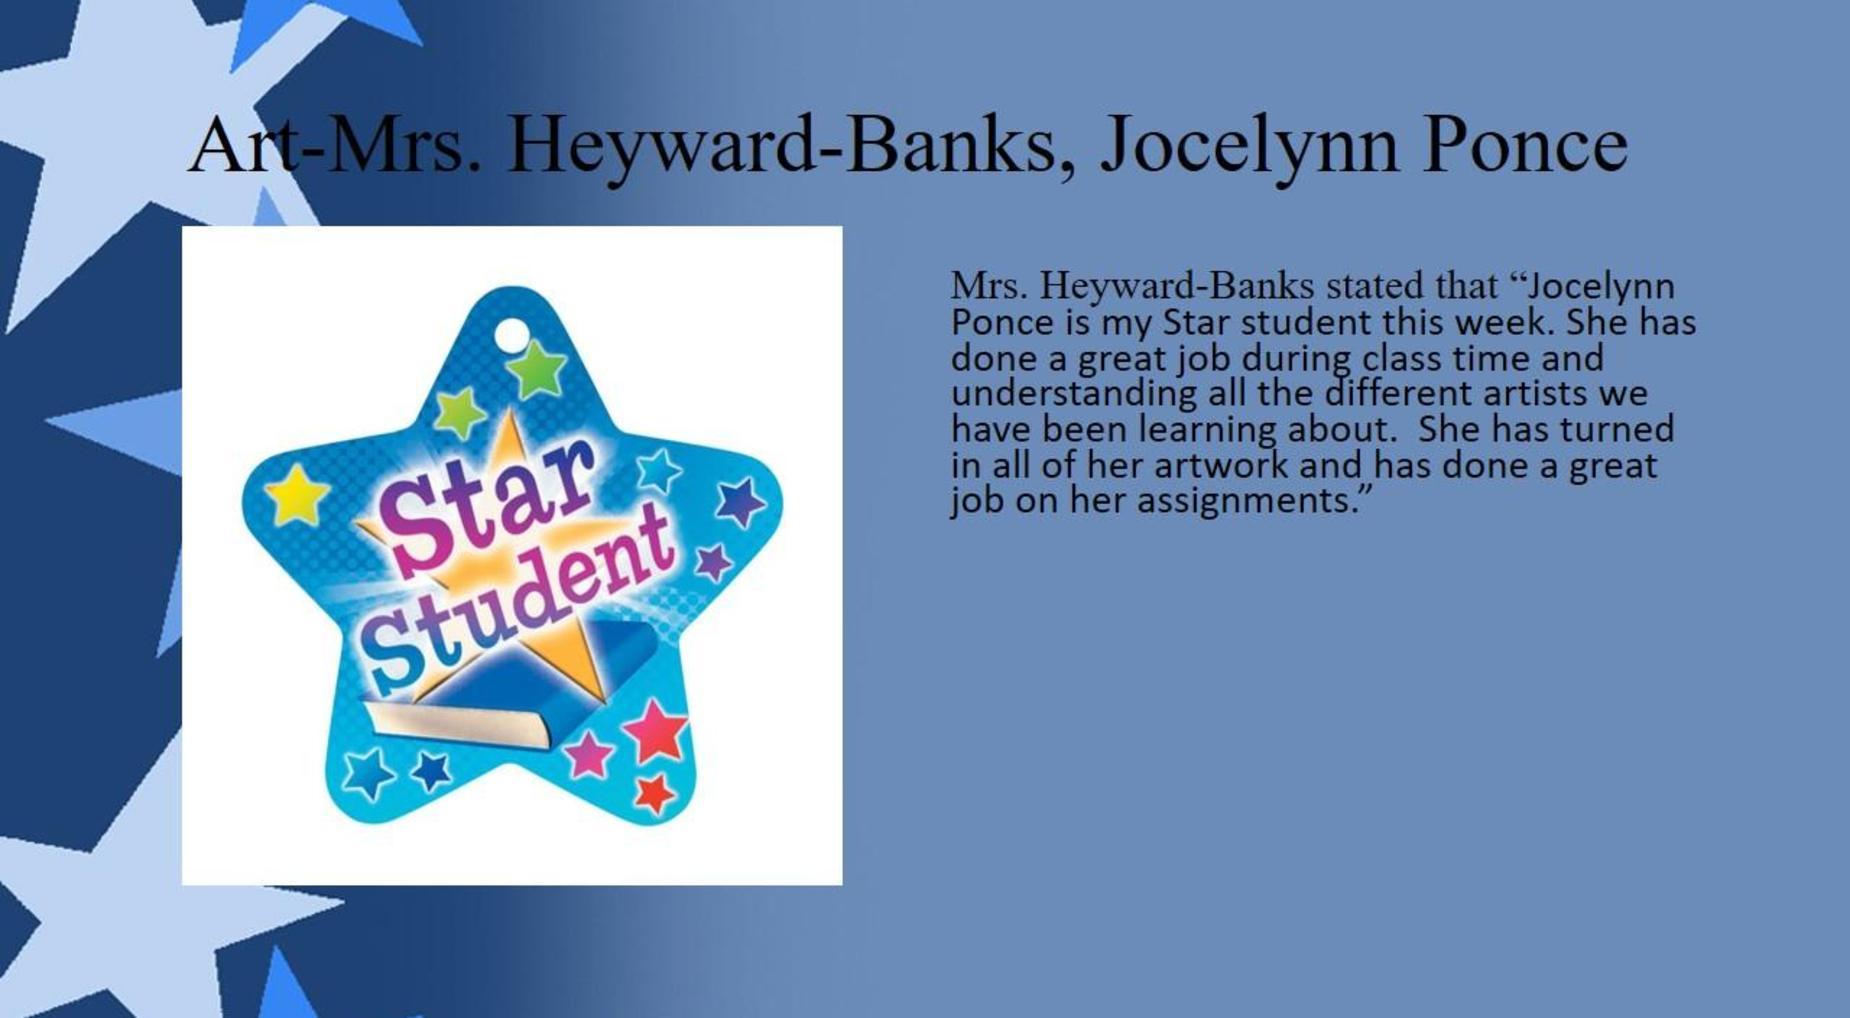 Jocelynn Ponce, Art